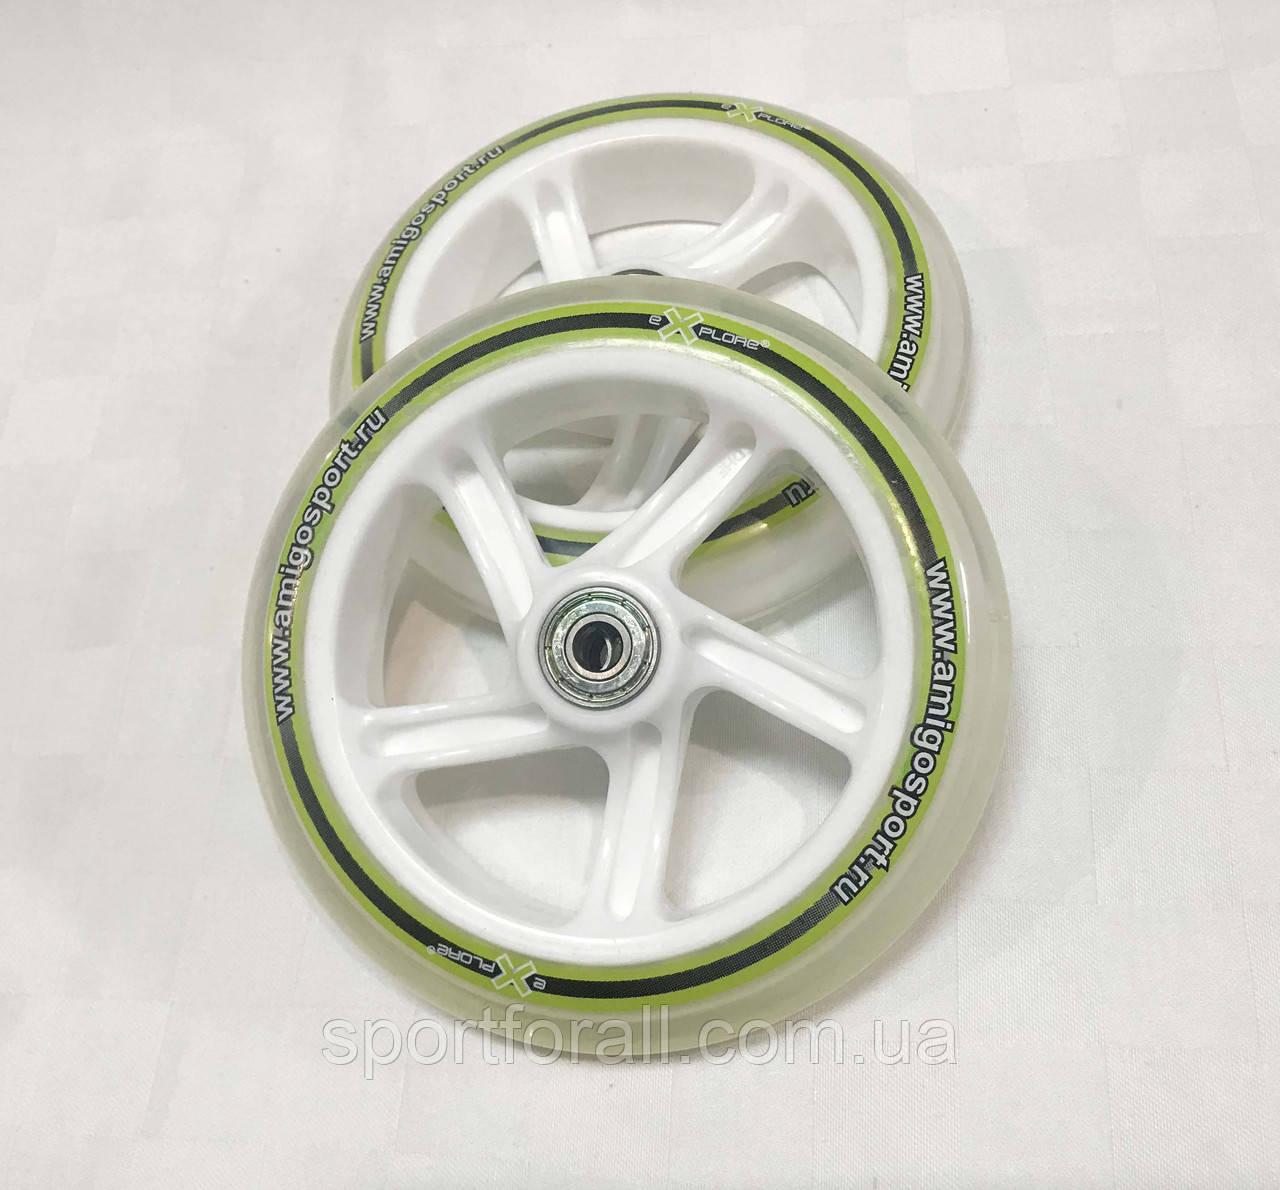 Колеса для самоката з підшипником 608 ZZ Explore Scooter Wheels 145 мм (2шт)